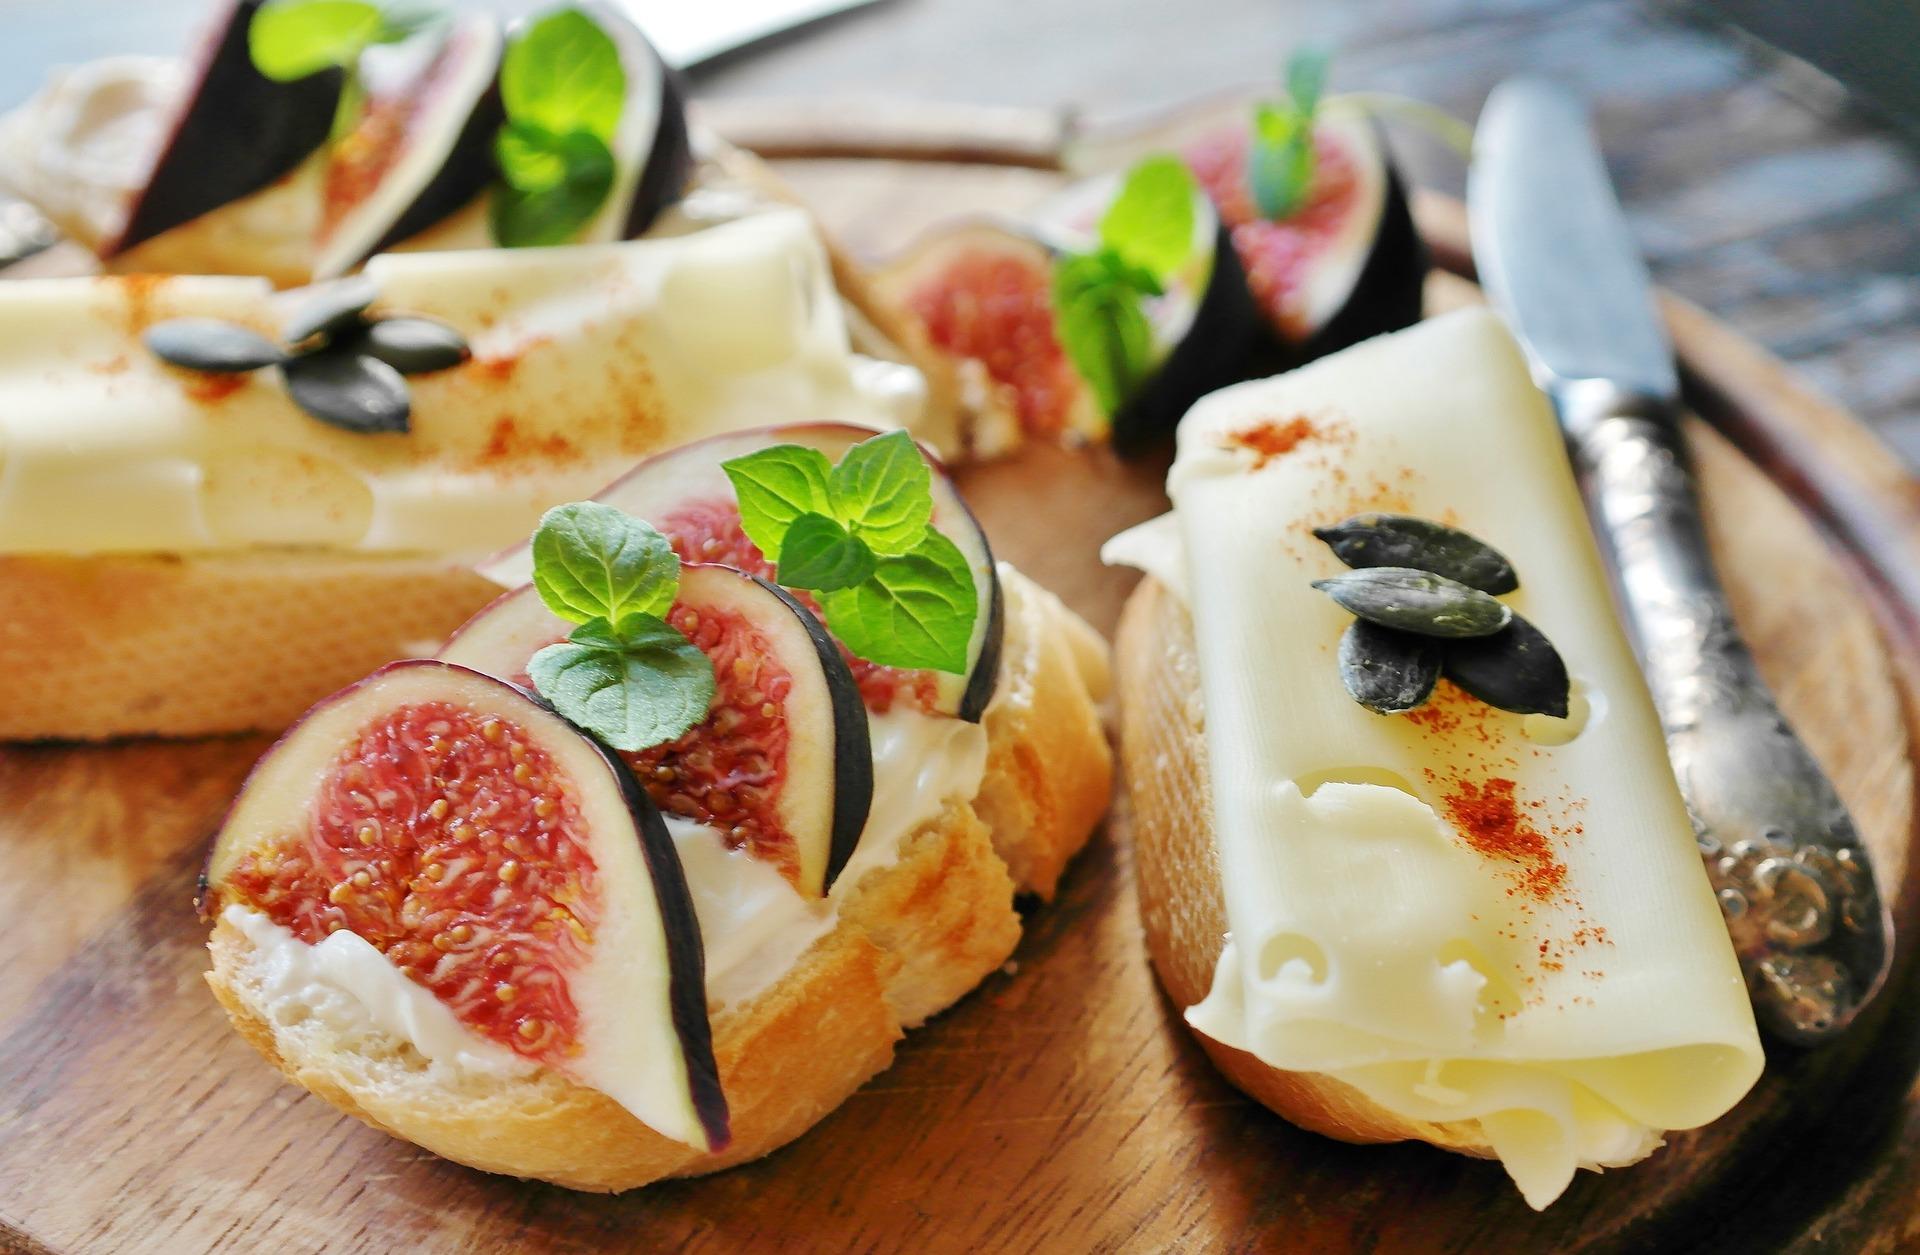 那須で美味しいチーズを味わおう!チーズフォンデュやチーズ工房でお土産も!